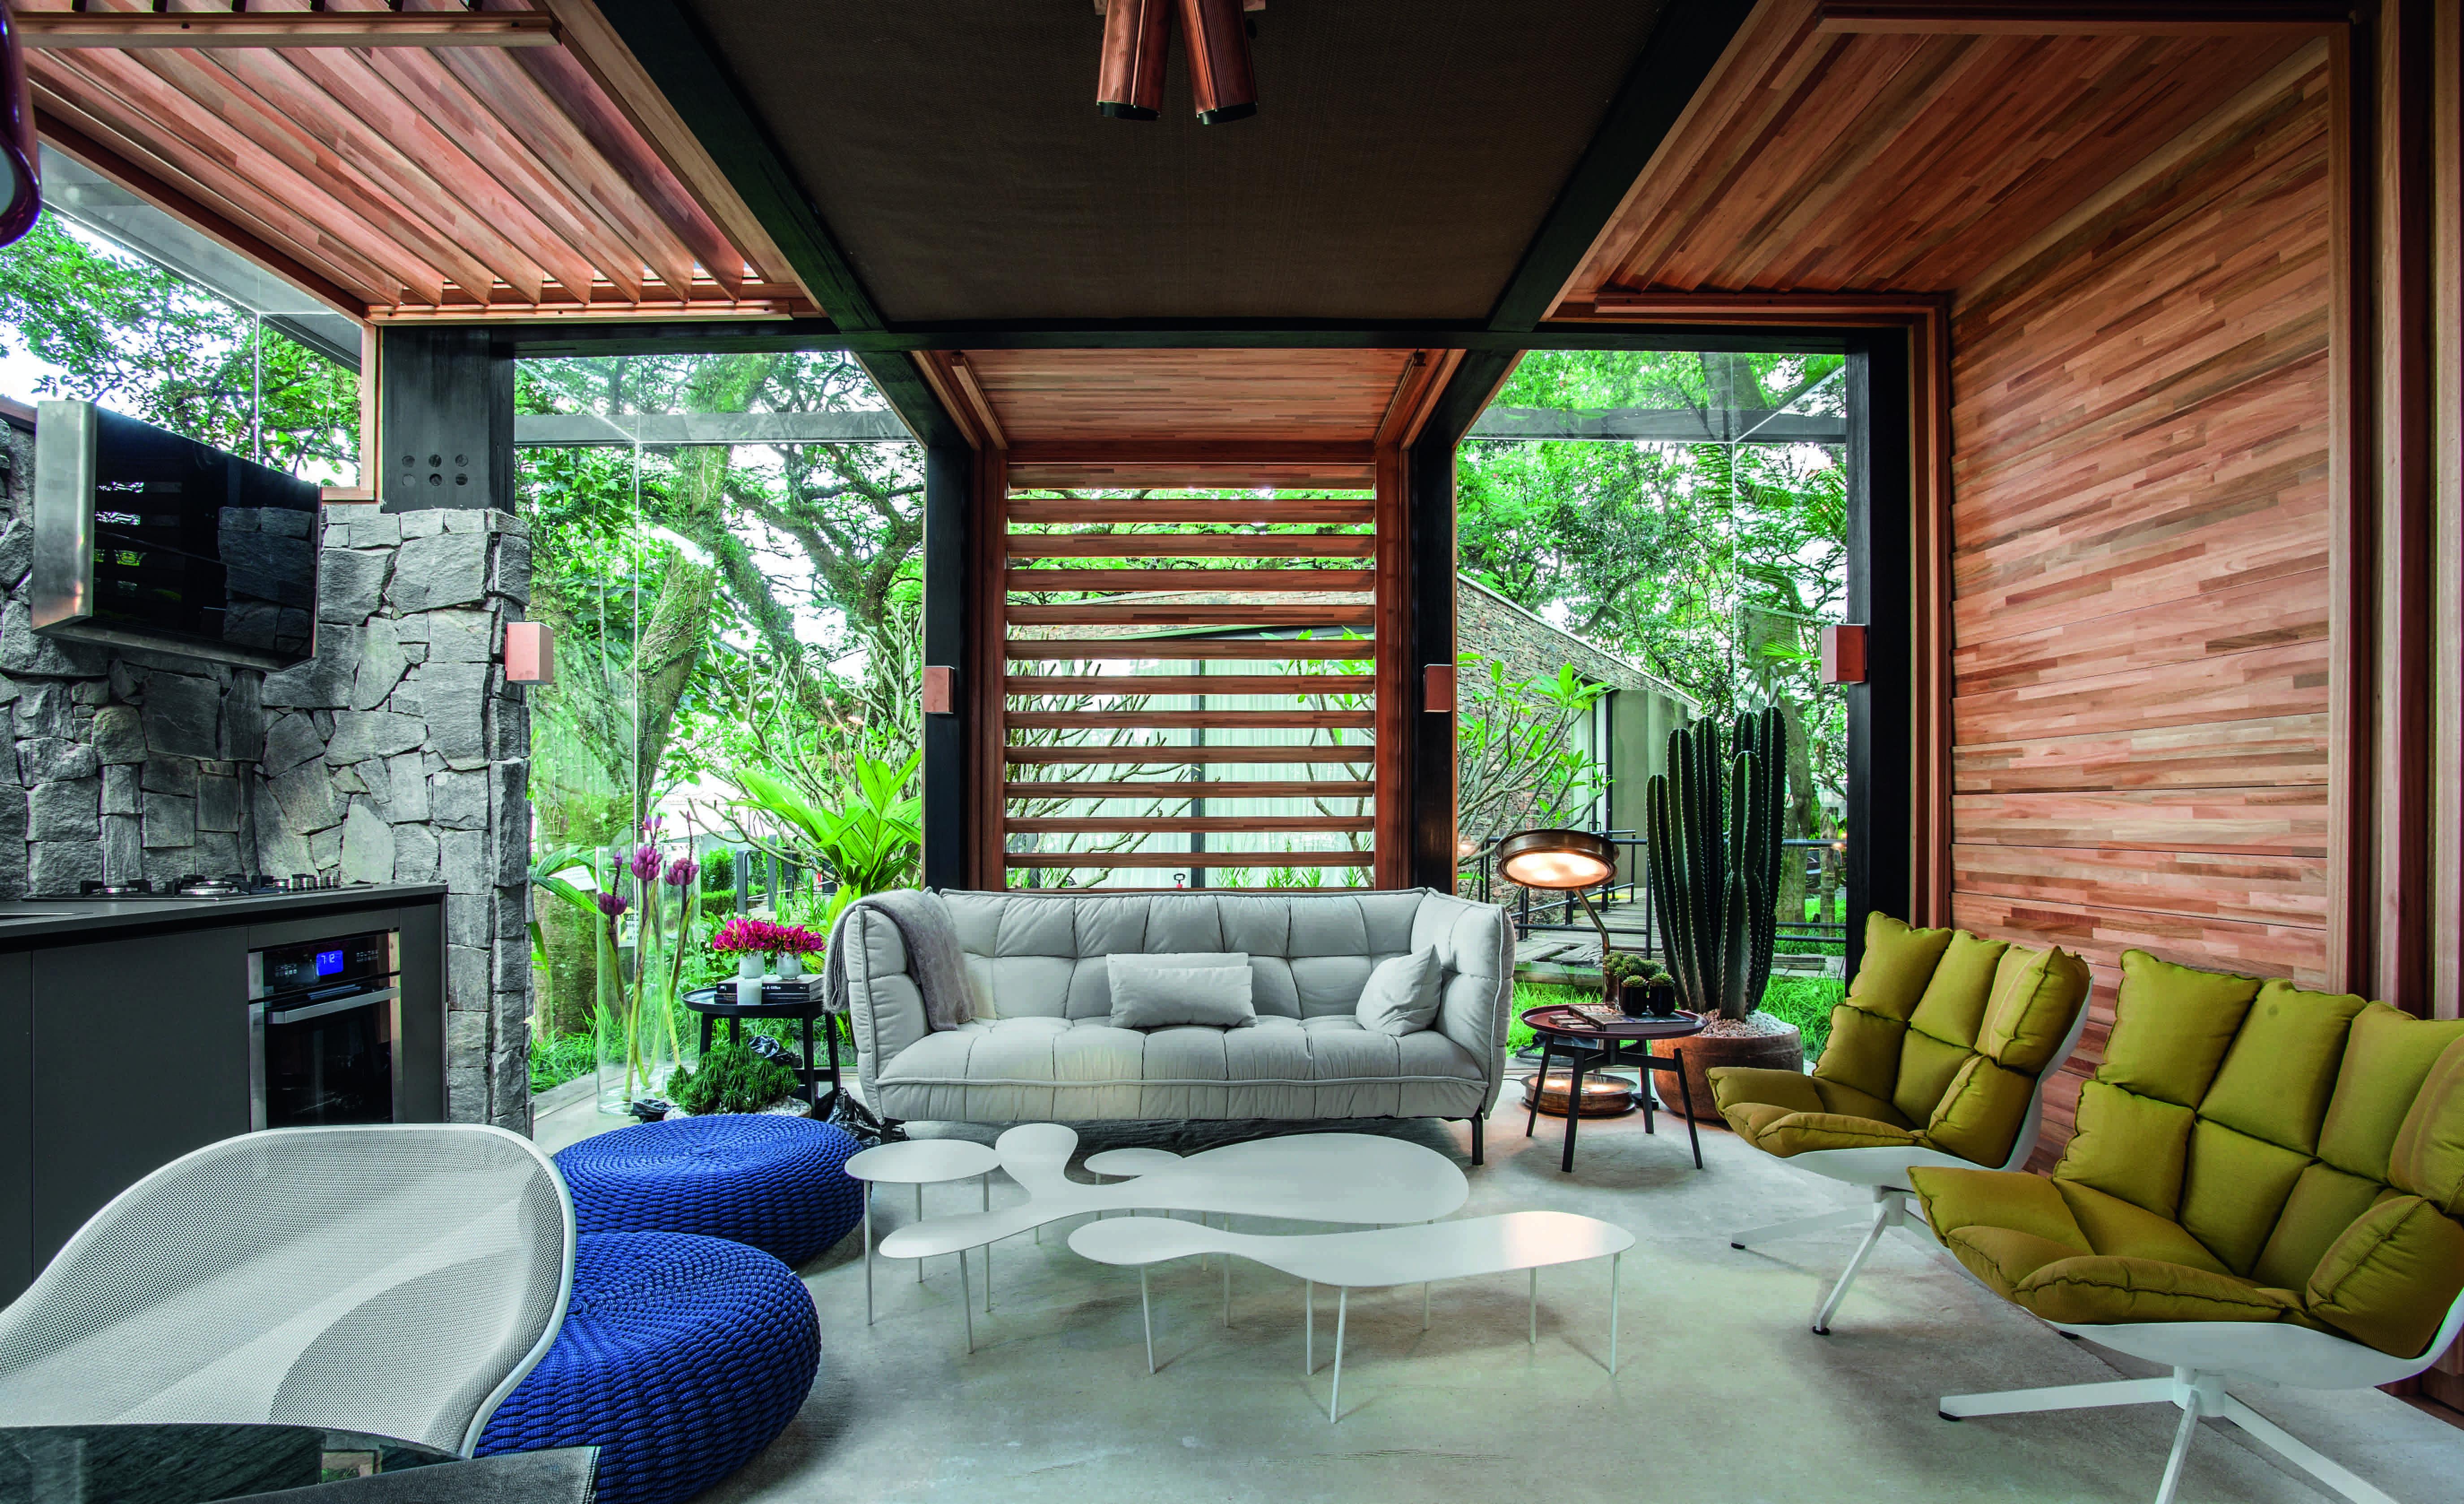 Sala com brise de madeira